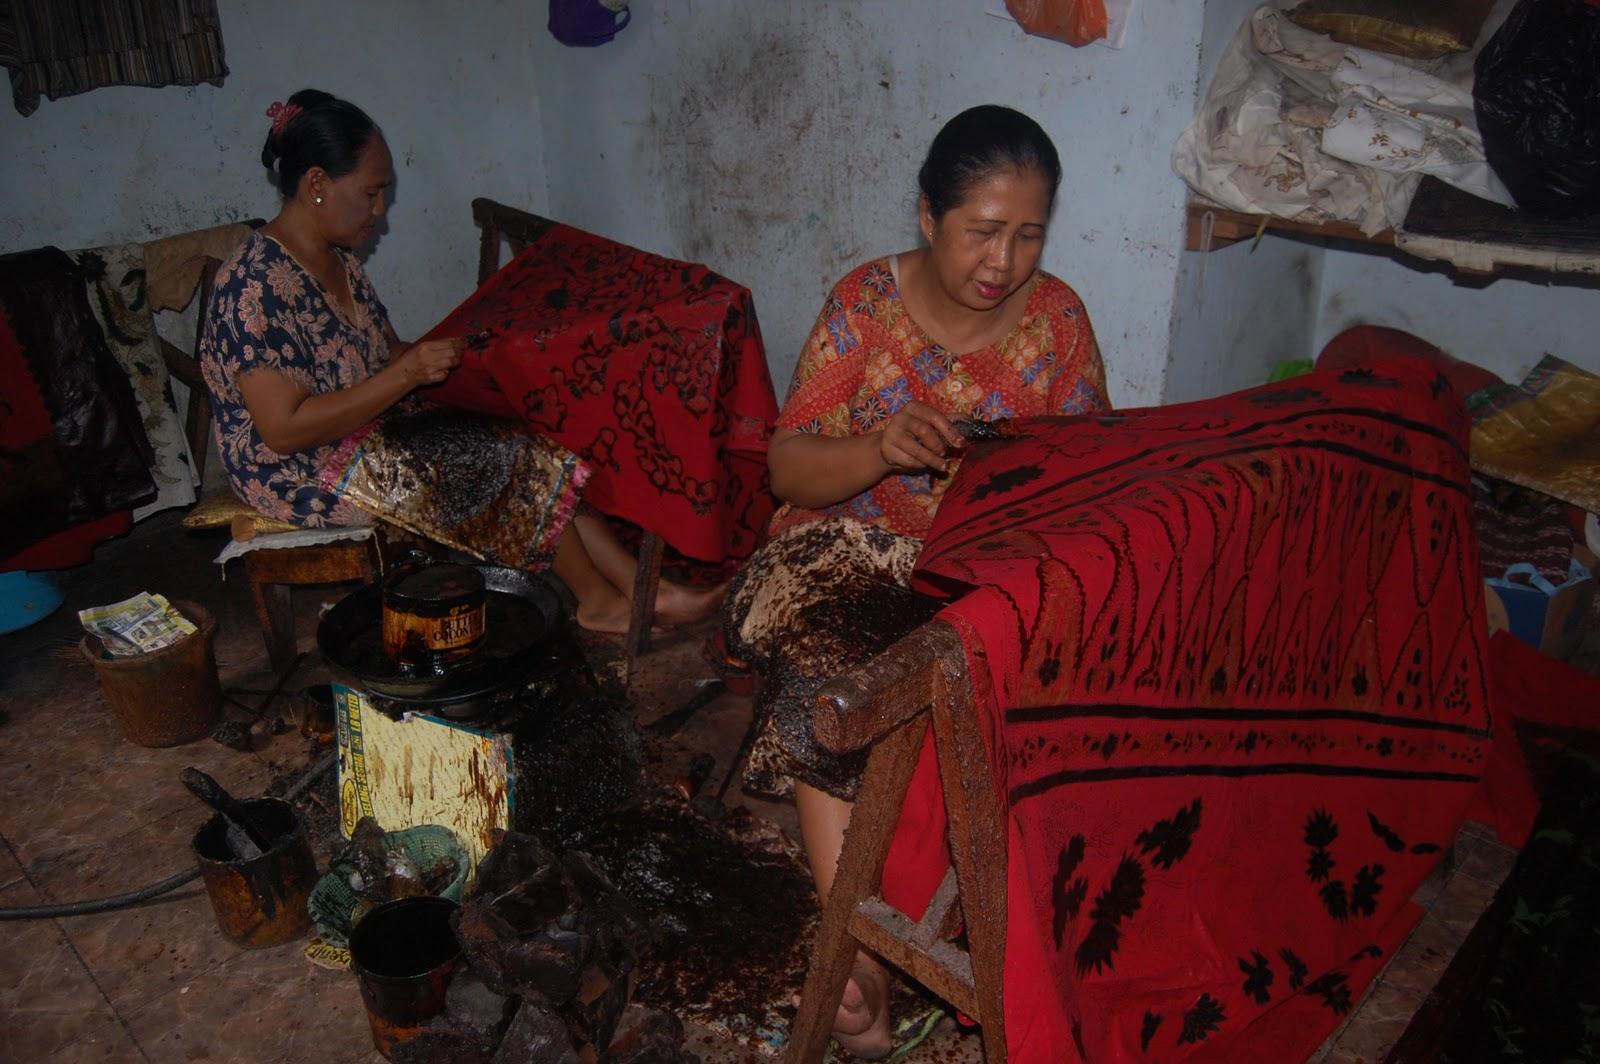 Tiga Lokasi Wisata Belanja Sidoarjo Patut Disambangi Kampung Batik Jetis